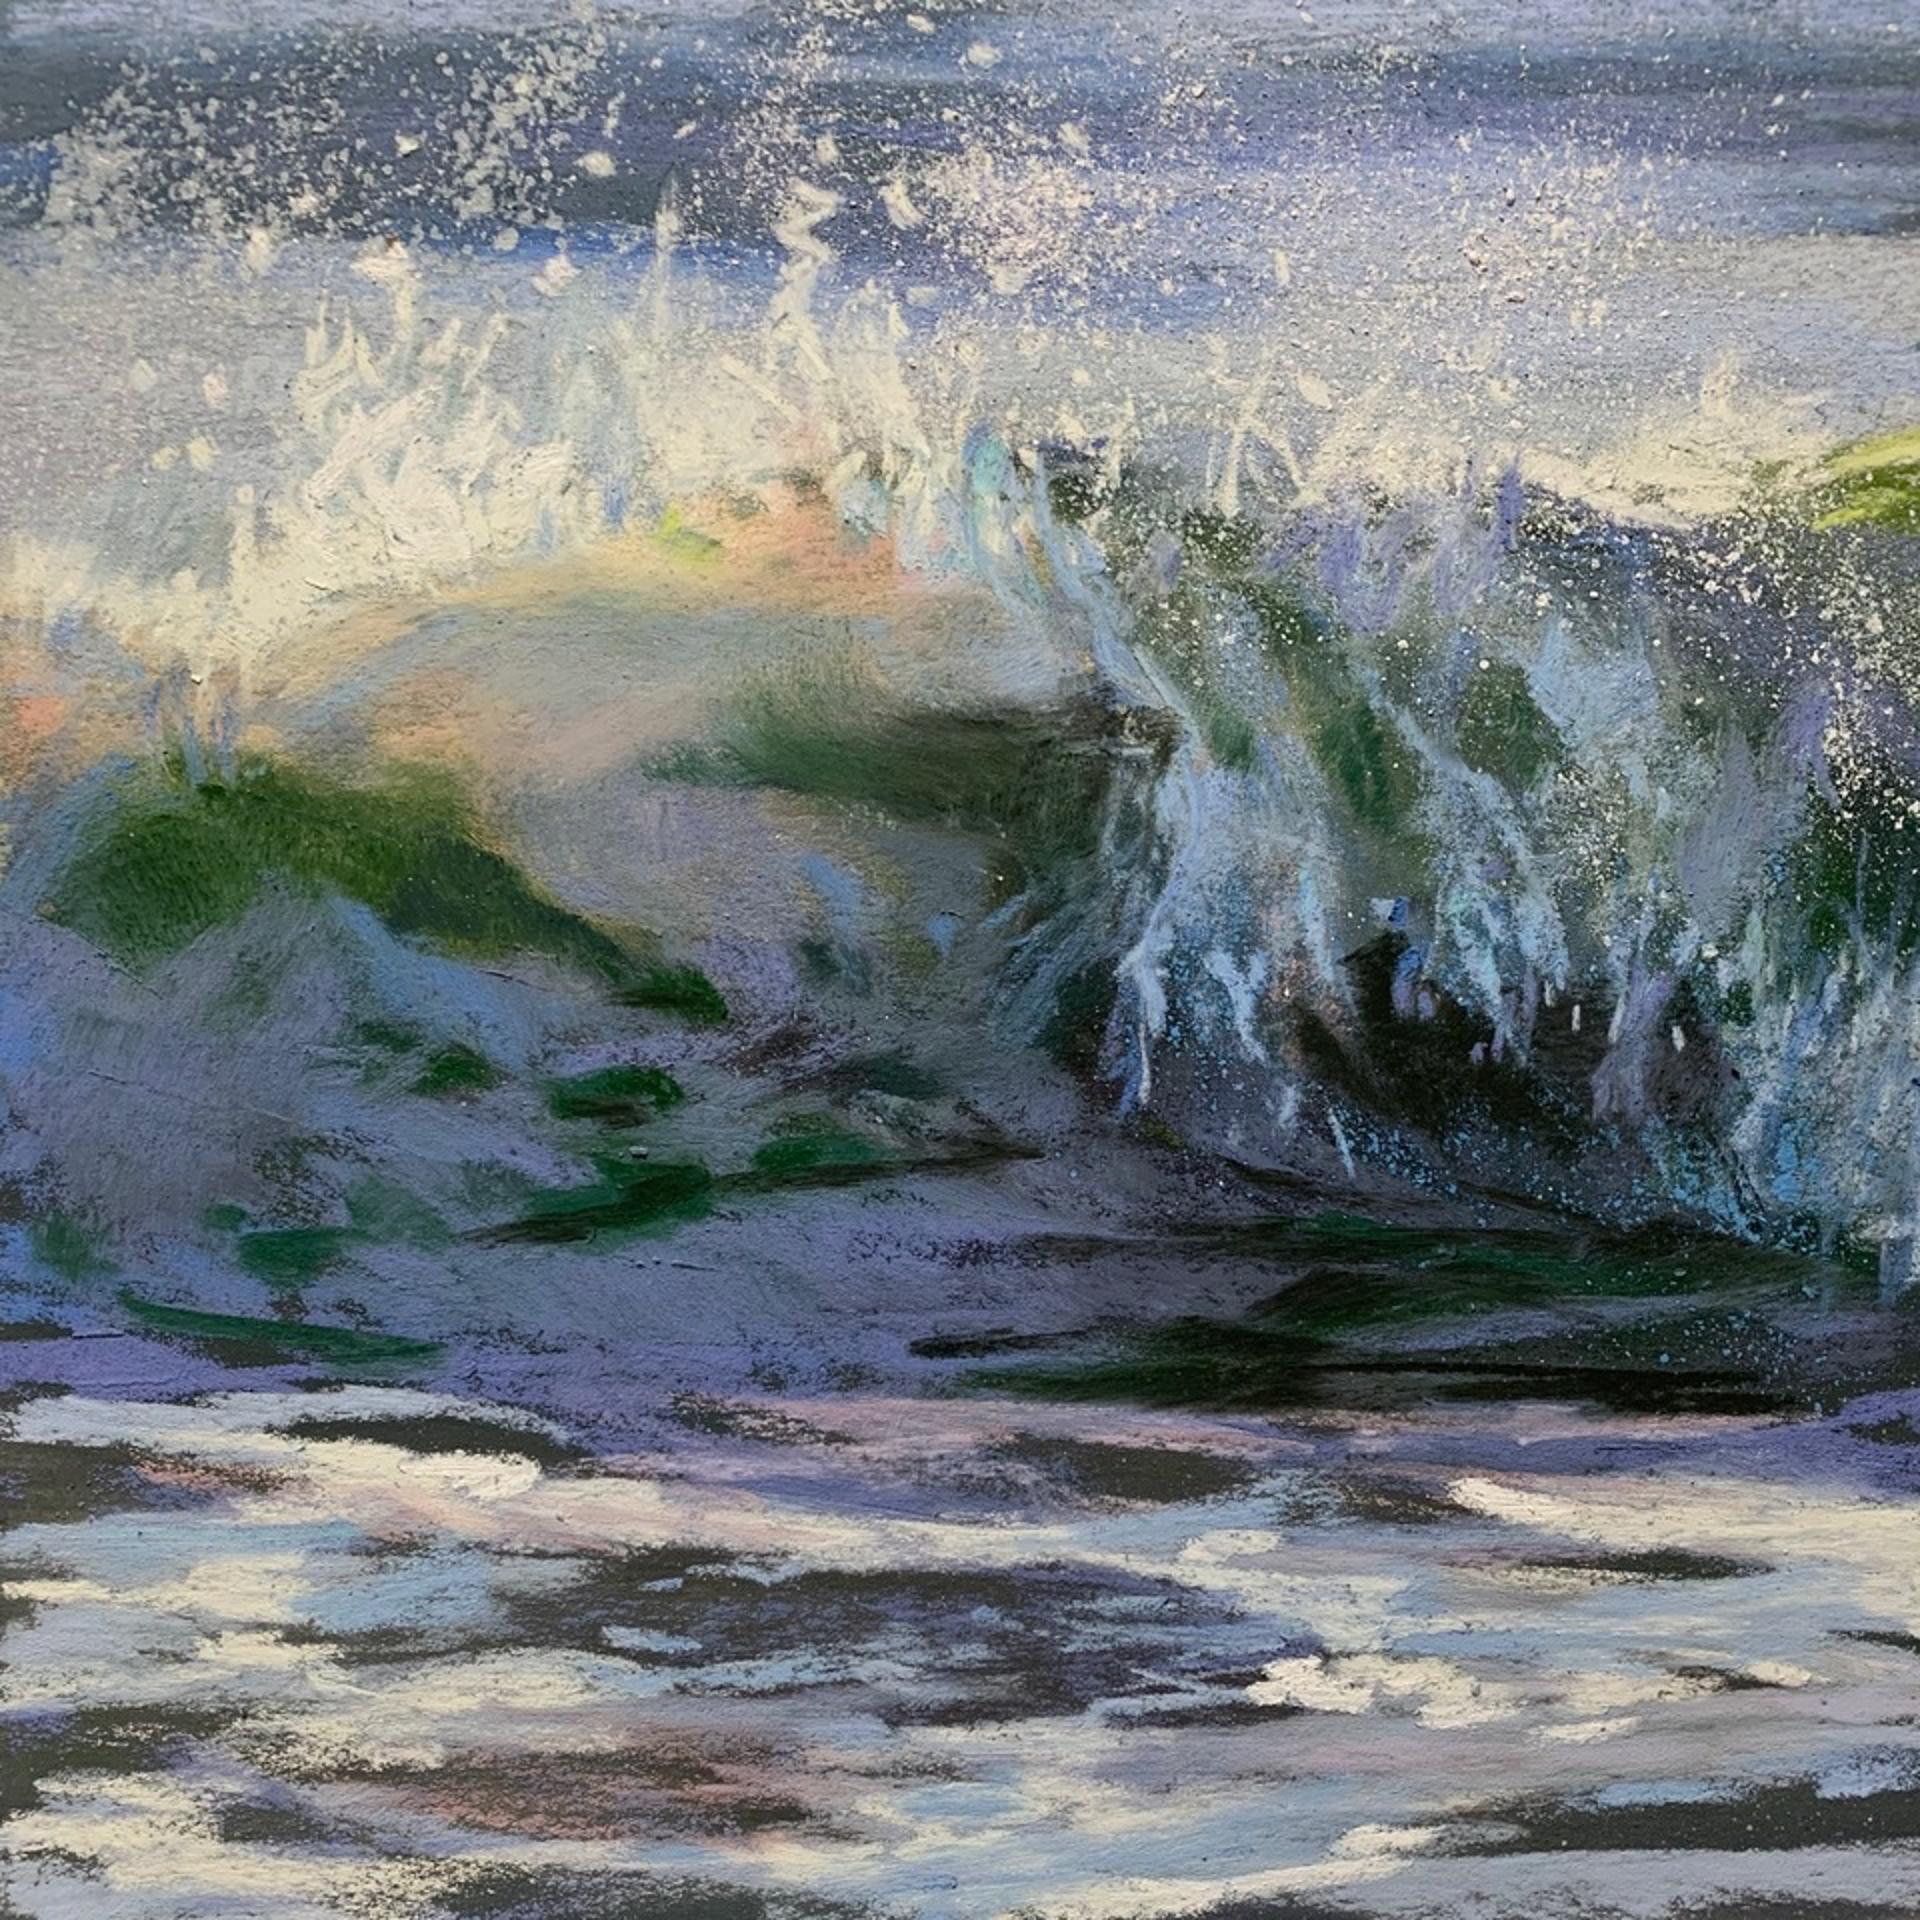 Warm Glow by Jeanne Rosier Smith